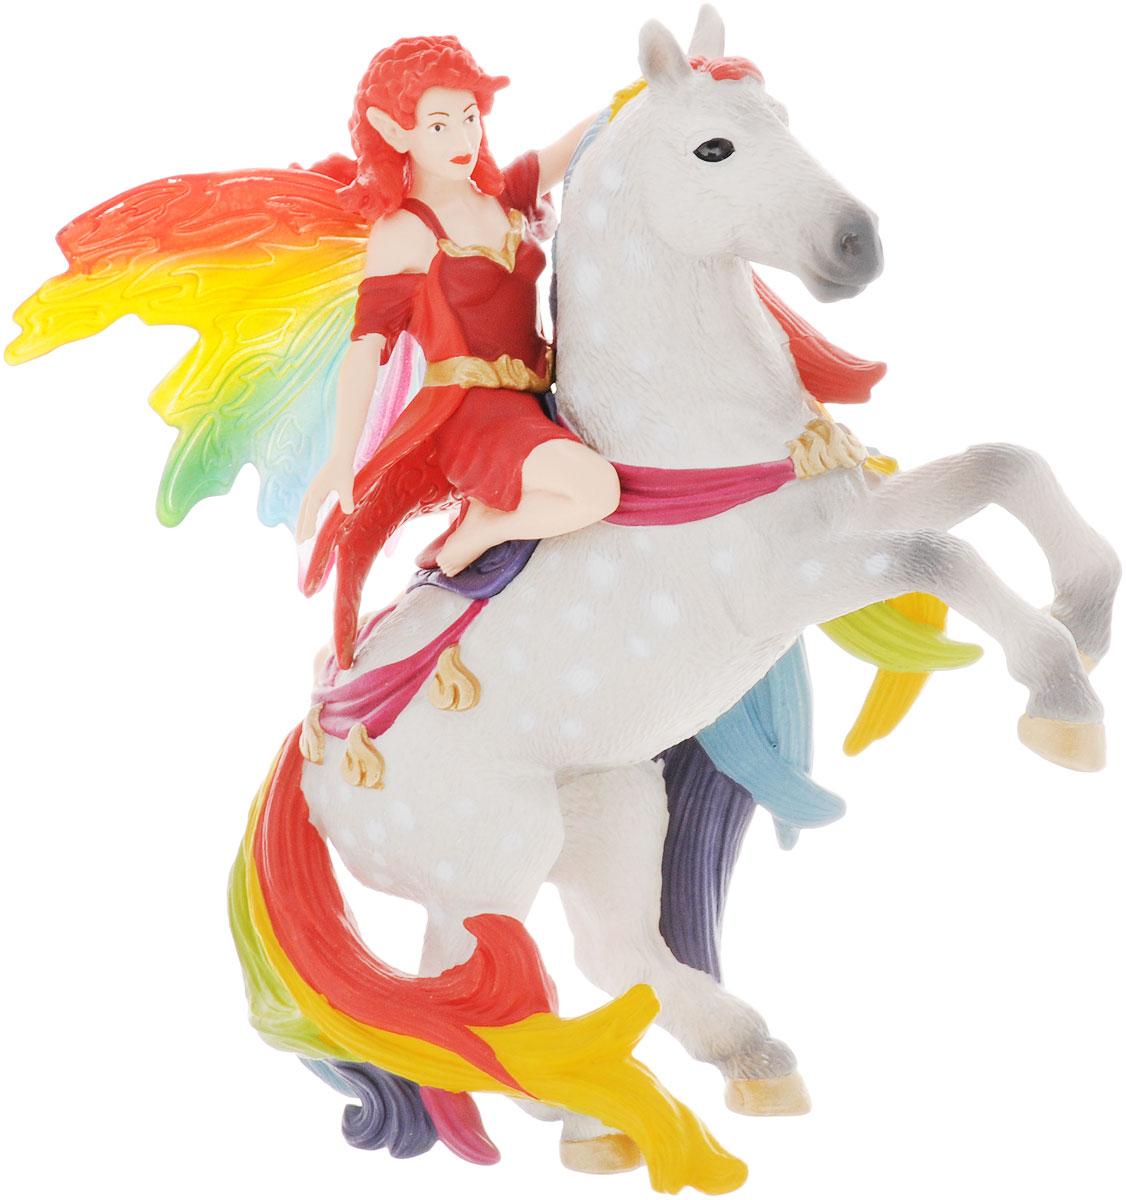 Schleich Фигурка Амизи70483Фигурка Schleich Амизи станет прекрасным подарком для вашего ребенка. Она выполнена из высококачественного пластика материала в виде красивого лесного эльфа с радужными крылышками и огненно-рыжими волосами. Благодаря встроенному магниту фигурка эльфийки надежно держится на лошади. Ваш ребенок будет часами играть с этой фигуркой, придумывая различные истории с участием любимого героя. Амизи - смелый и талантливый всадник. Она любит придумывать различные трюки и выполнять их верхом на своей любимой лошади.